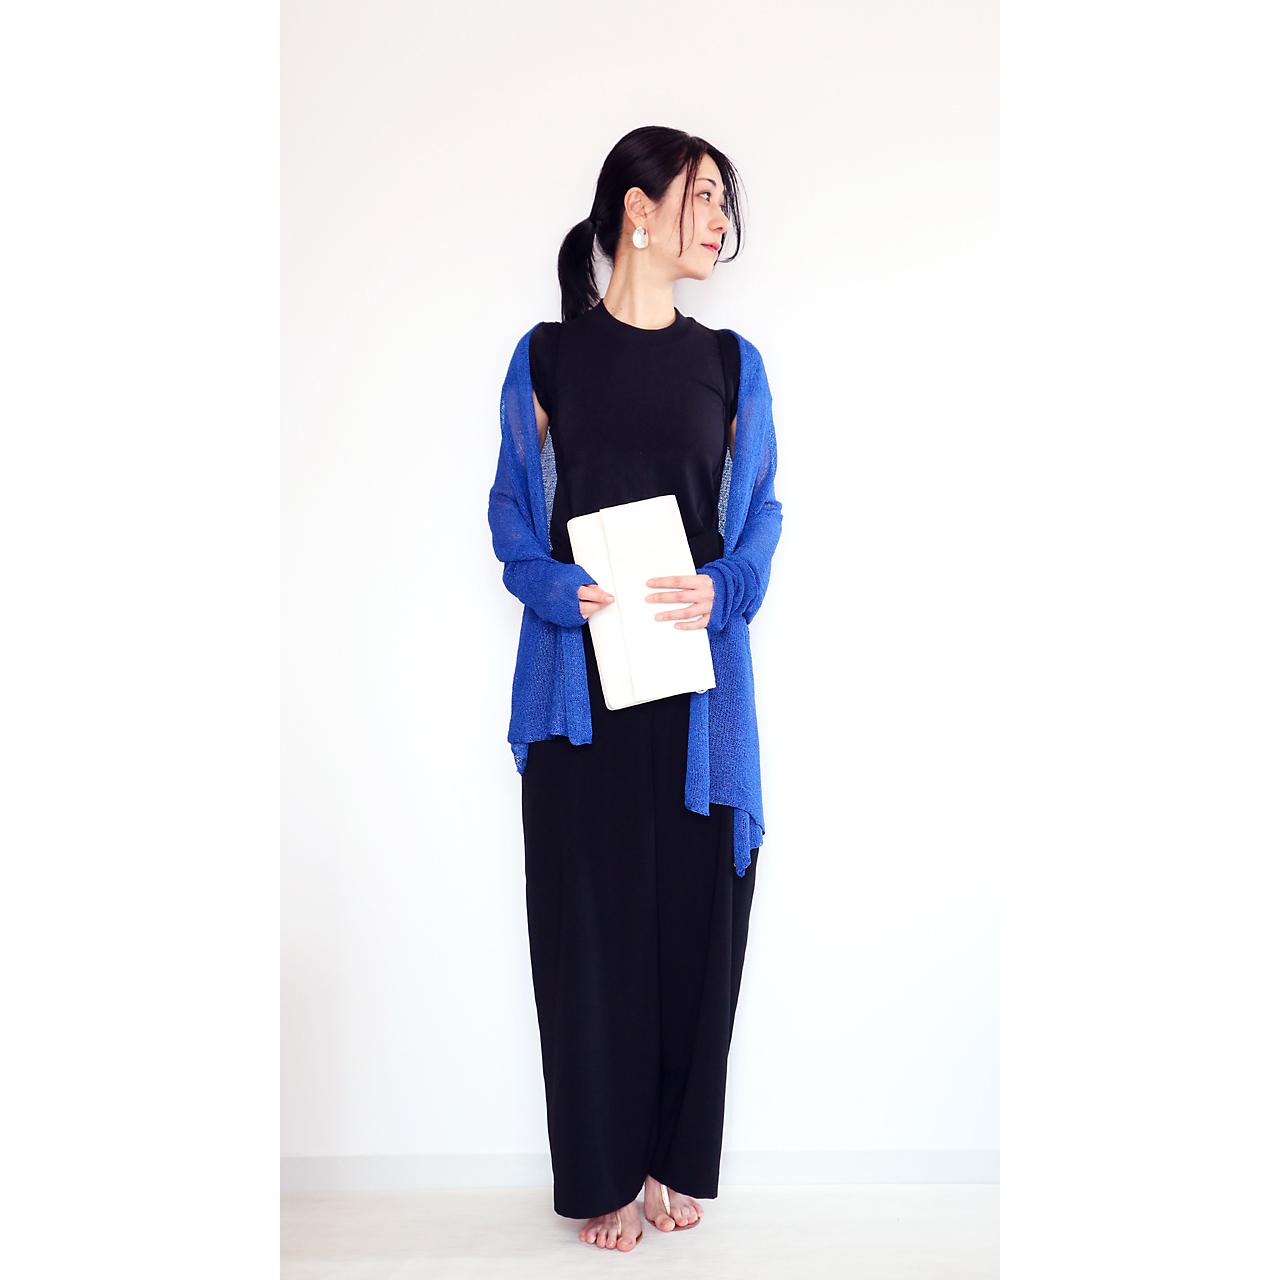 Rigel[リゲル] 袖付きストール / ロイヤル・ブルー